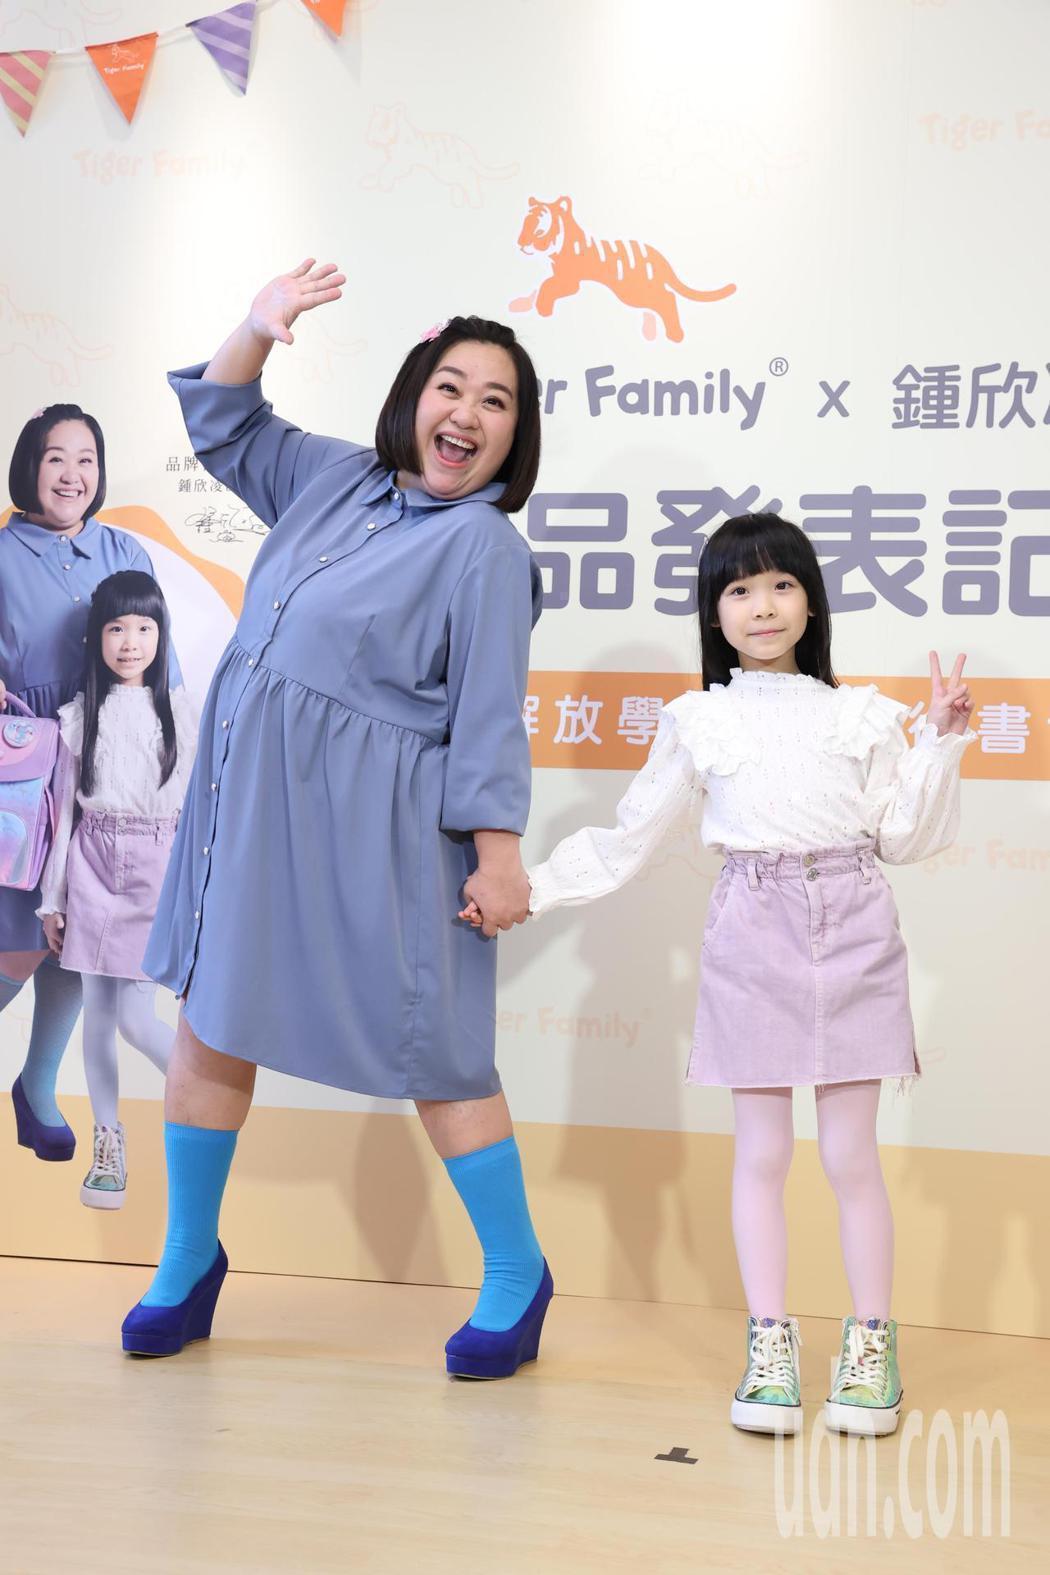 鍾欣凌曾與女兒兔寶一起出席活動。圖/聯合報系資料照